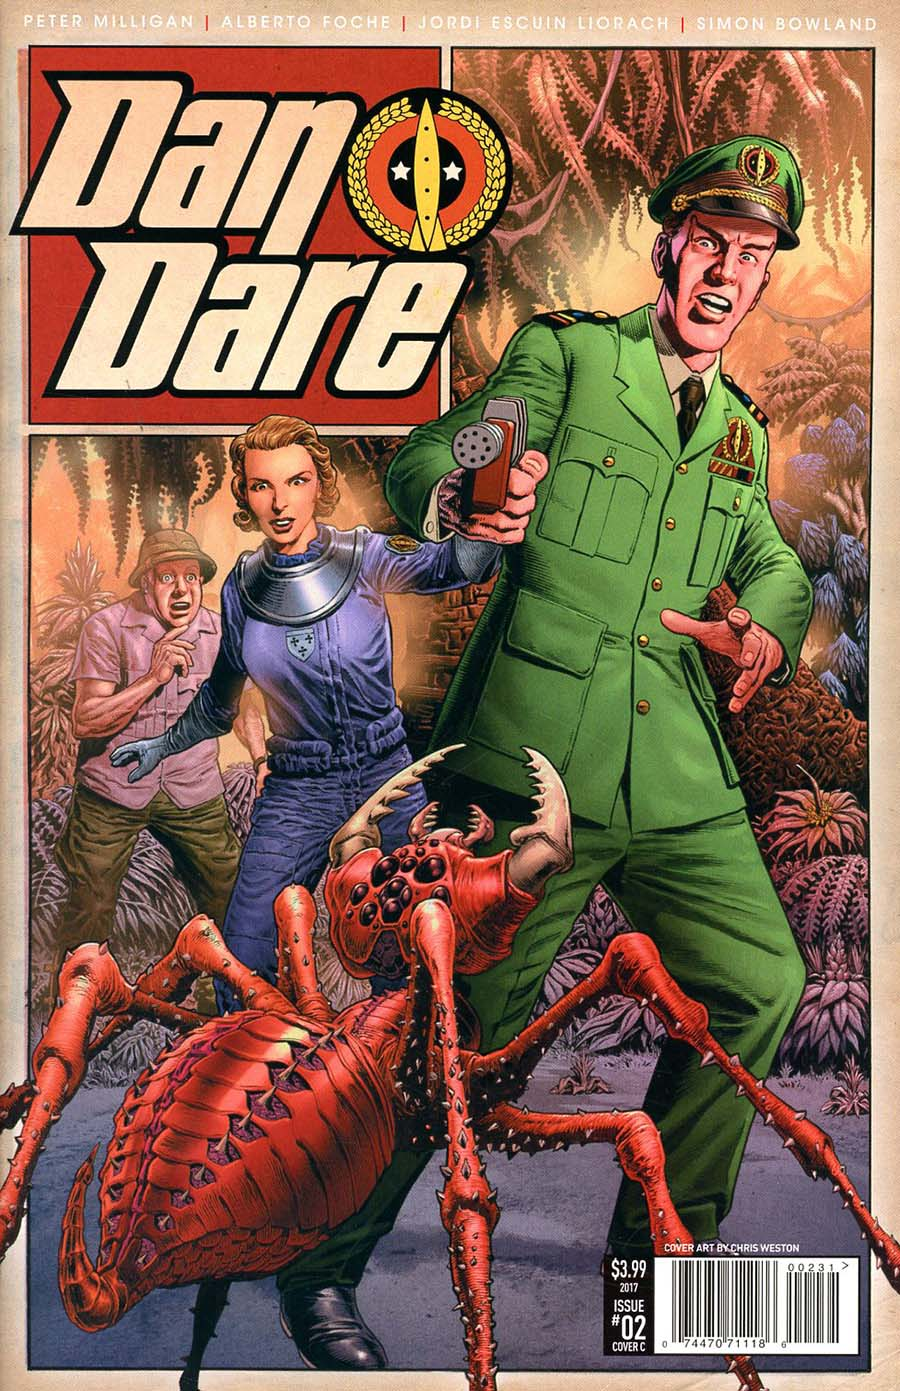 Dan Dare Vol 2 #2 Cover C Variant Chris Weston Cover